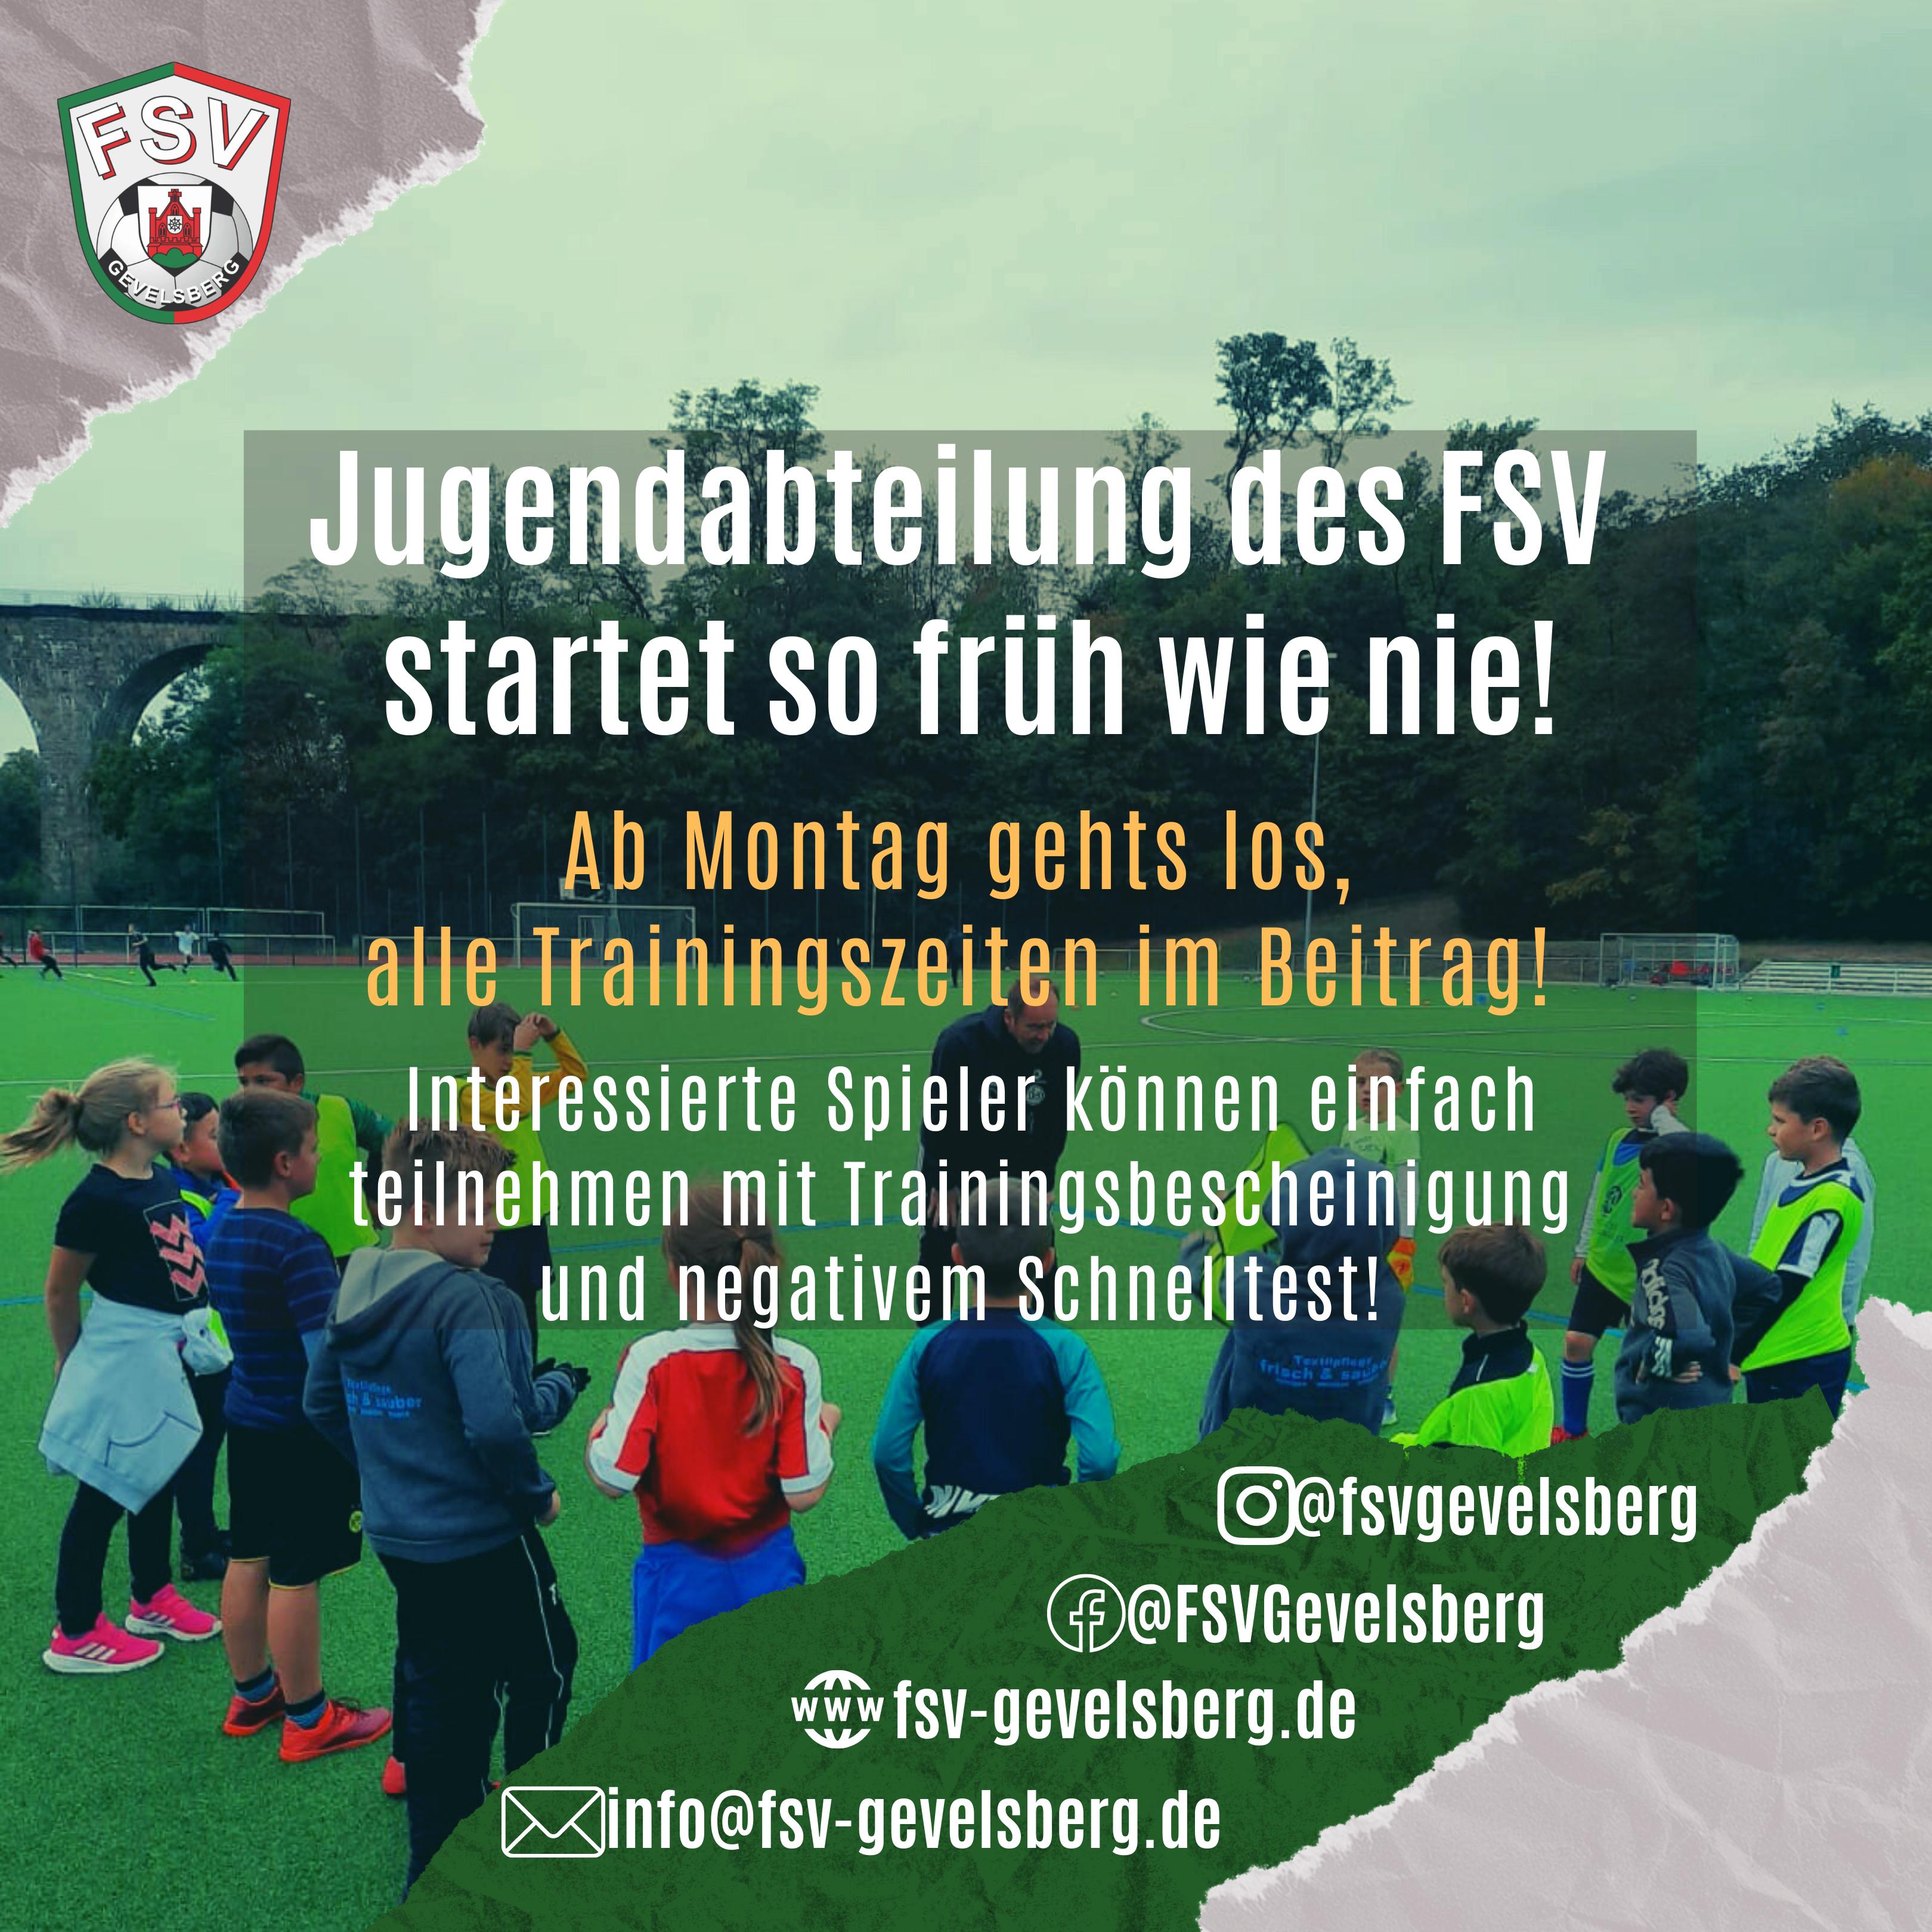 Jugendabteilung des FSV startet in die neue Saison